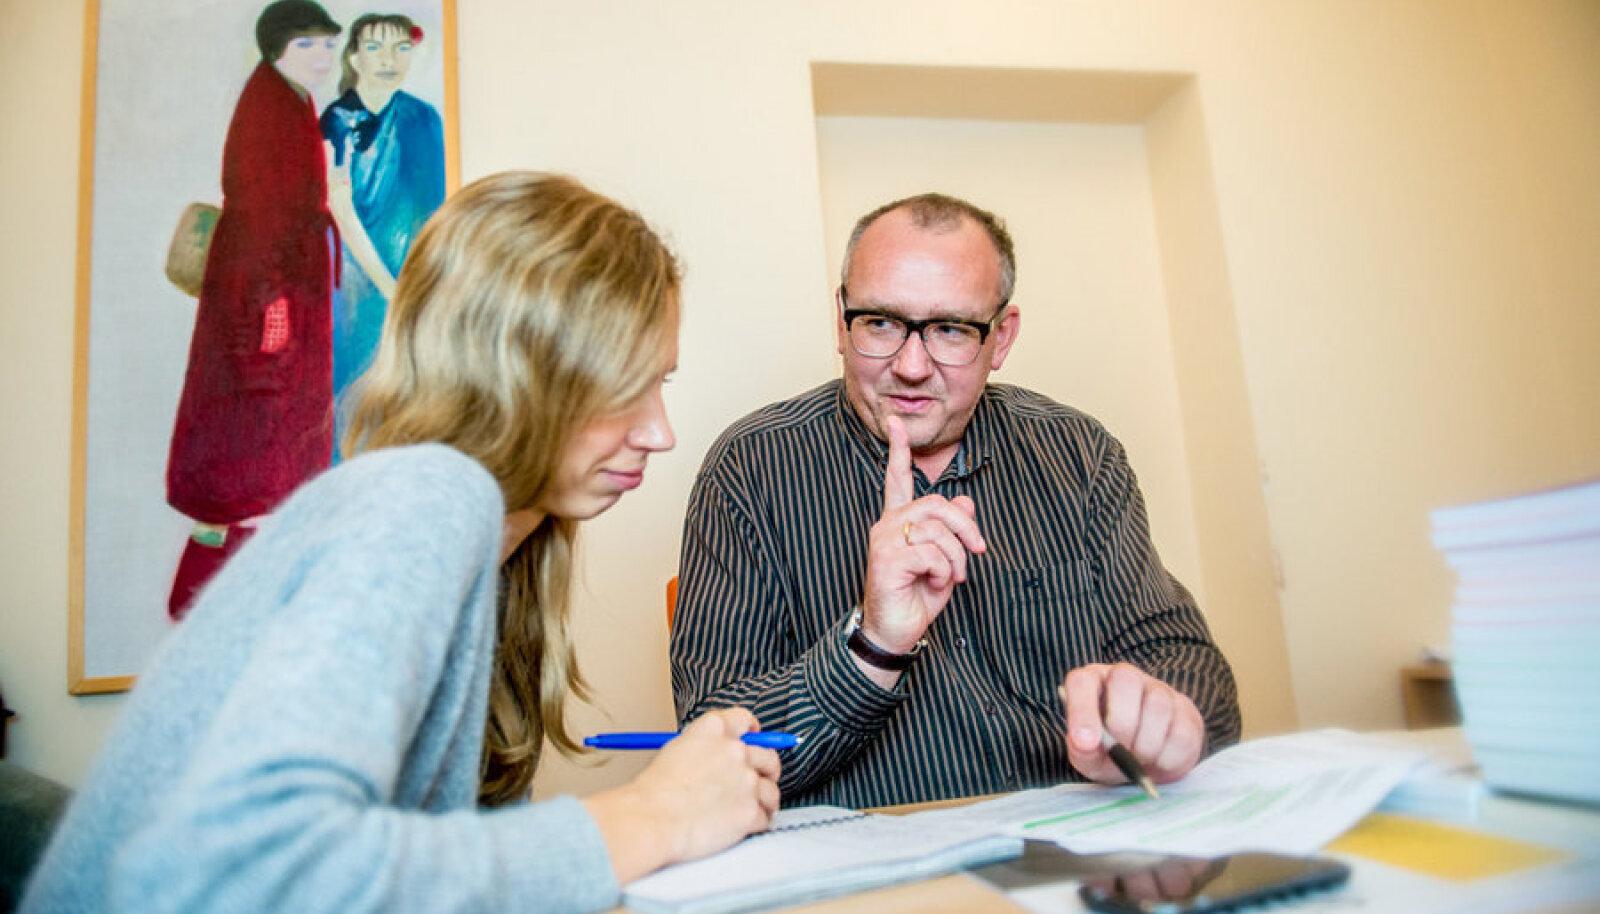 SA Kultuurileht juhatuse esimees Toomas Väljataga kinnitab Kadri Ibrusele antud intervjuus, et Rein Lang oli juba enne  8. novembri kohtumist kursis sellega, mida Kaur Kender kavatses Sirbis teha.